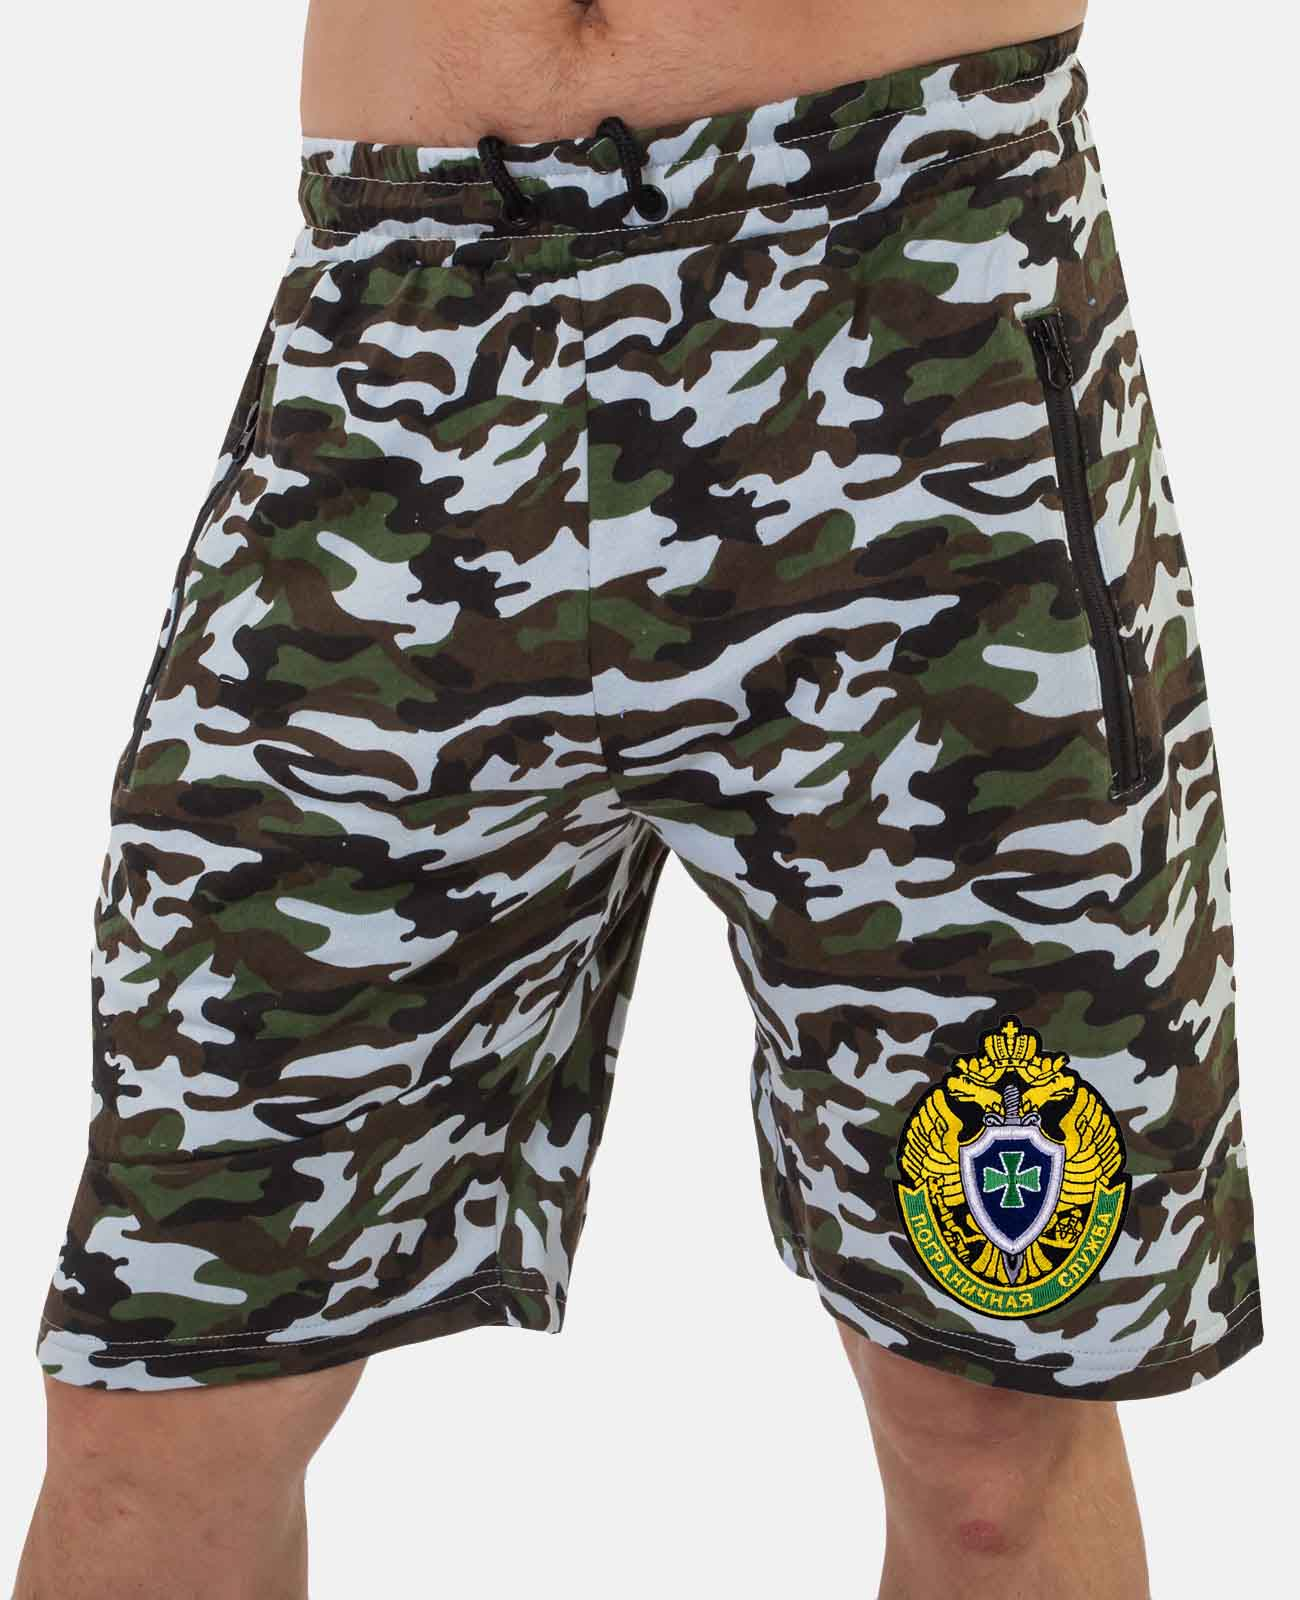 Летние мужские шорты в камуфляжной расцветке с шевроном ПС купить в подарок